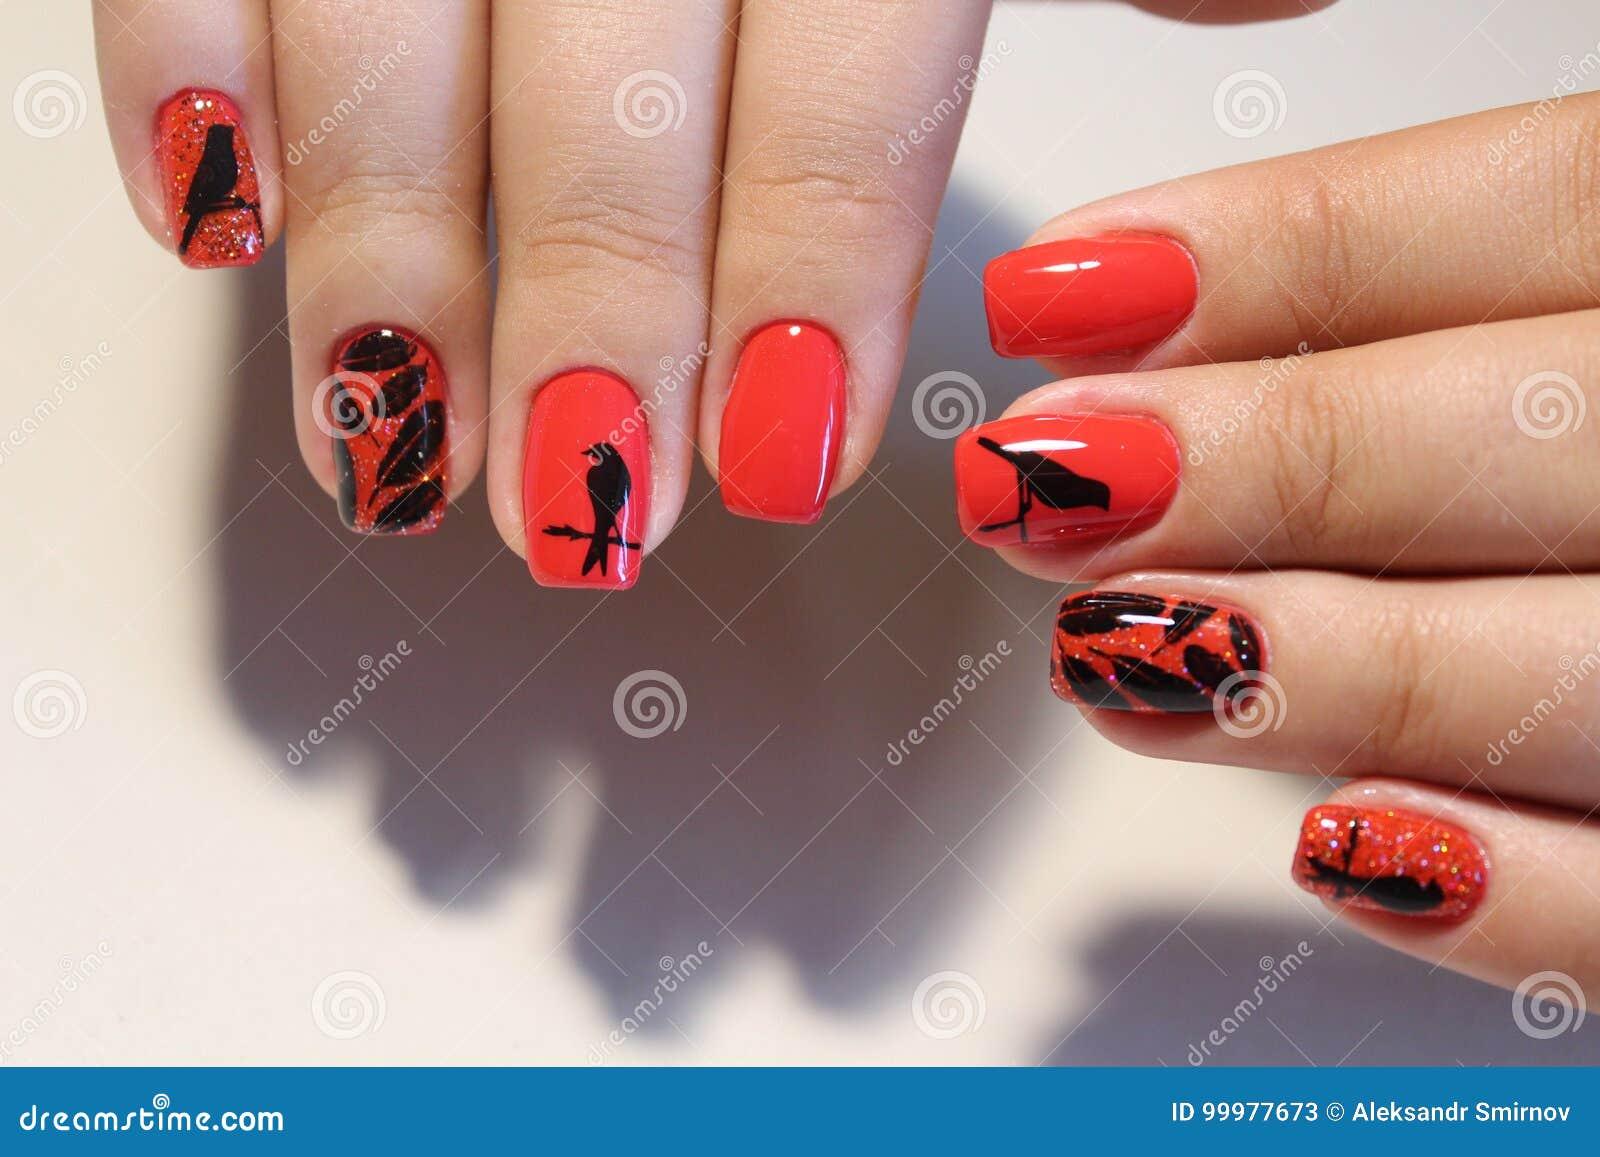 Cool Nägel Muster Foto Von Pattern Rote Nägel Des Maniküredesigns Mit Stockbild